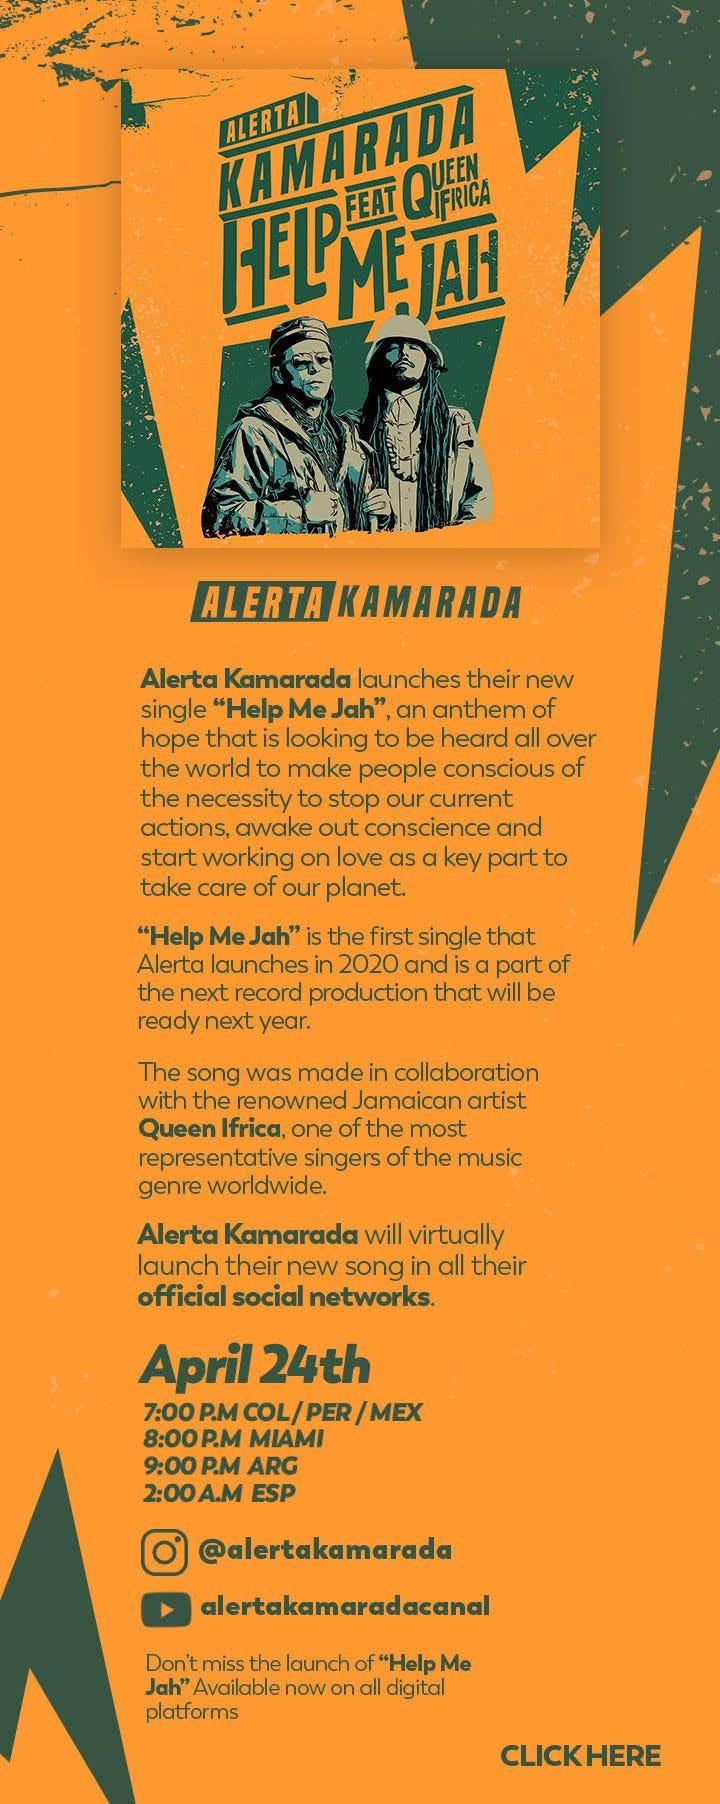 Alerta Kamarada - Help Me Jah Full